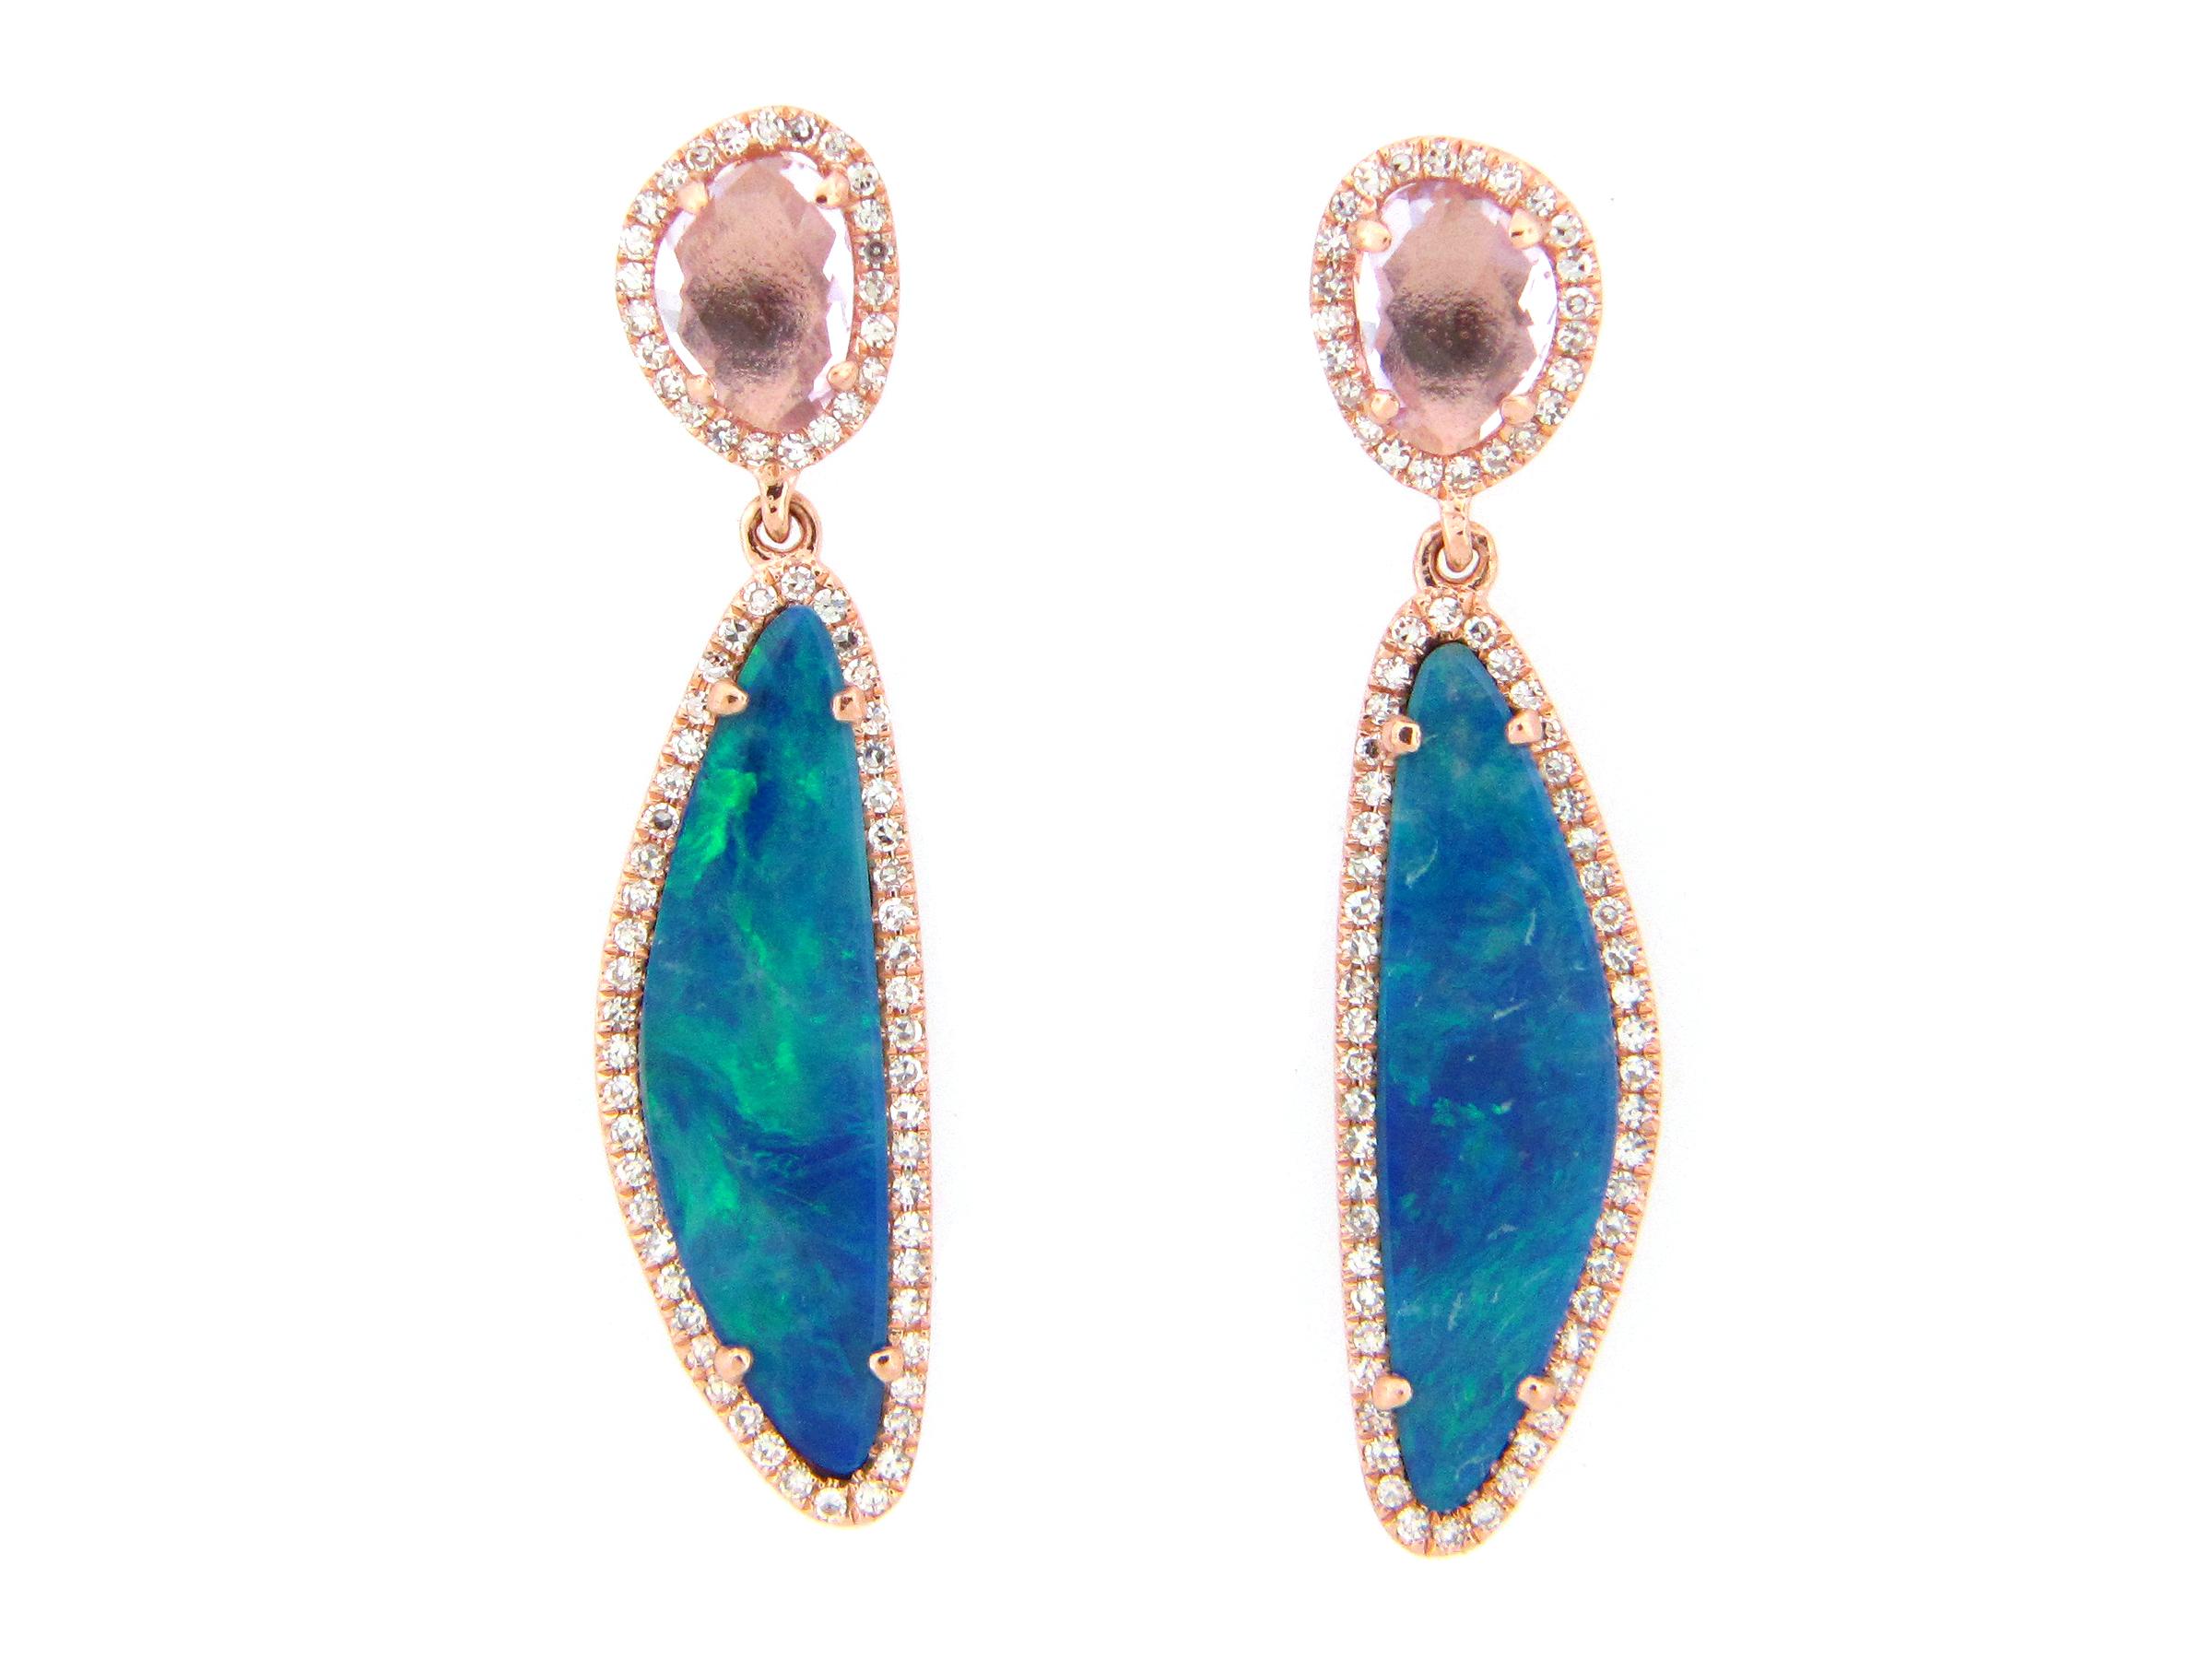 Black Opal, Amethyst & Diamond Earring